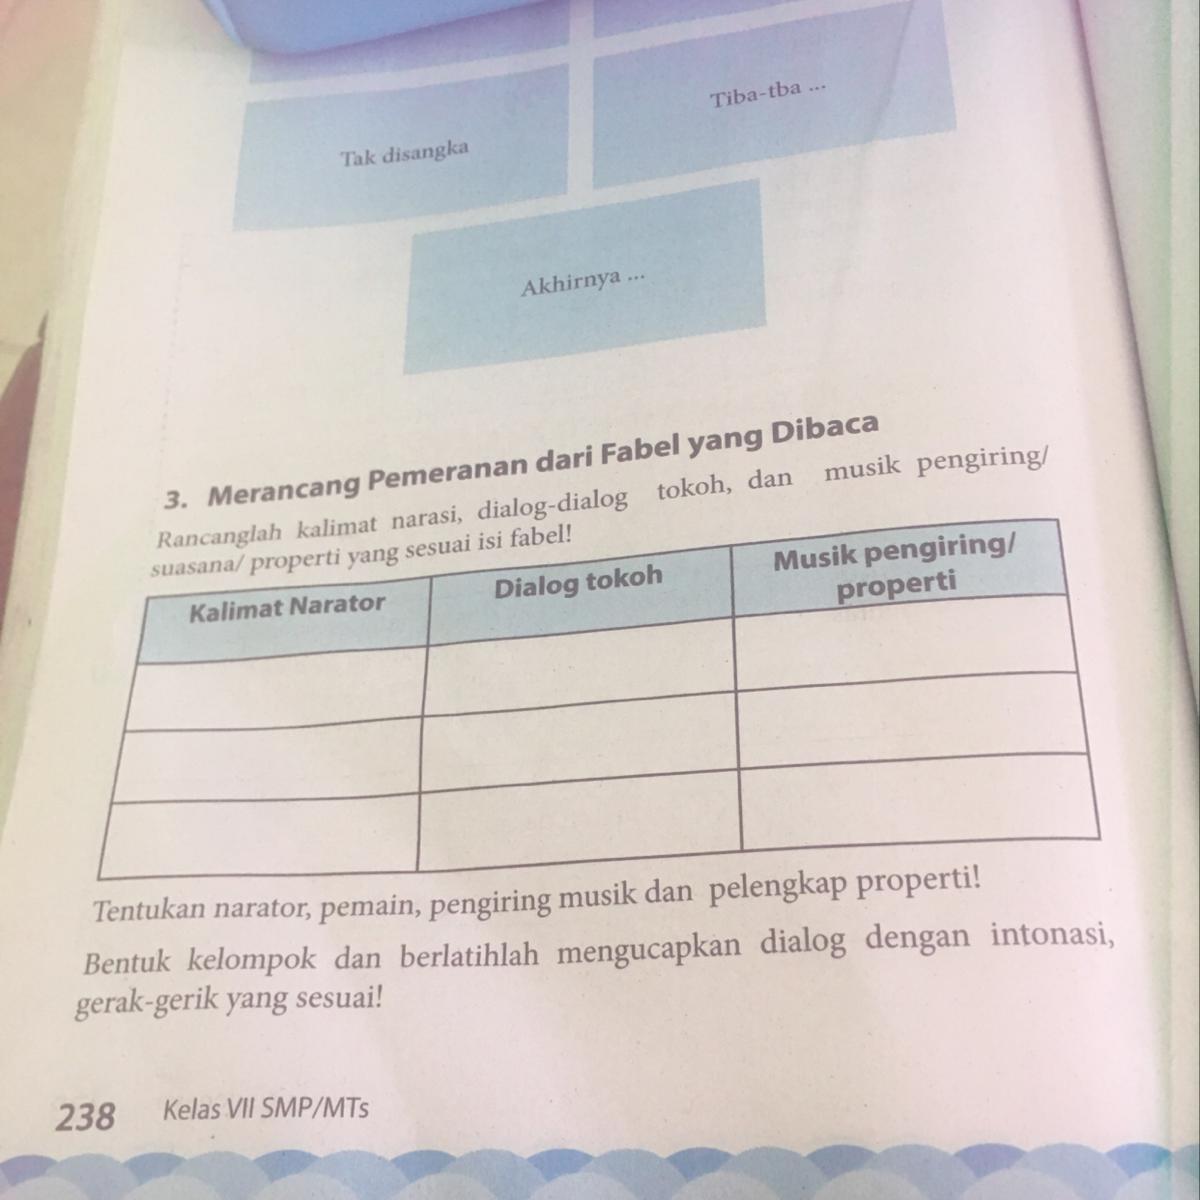 Kunci Jawaban Buku Paket Bahasa Indonesia Kelas 7 Guru Galeri